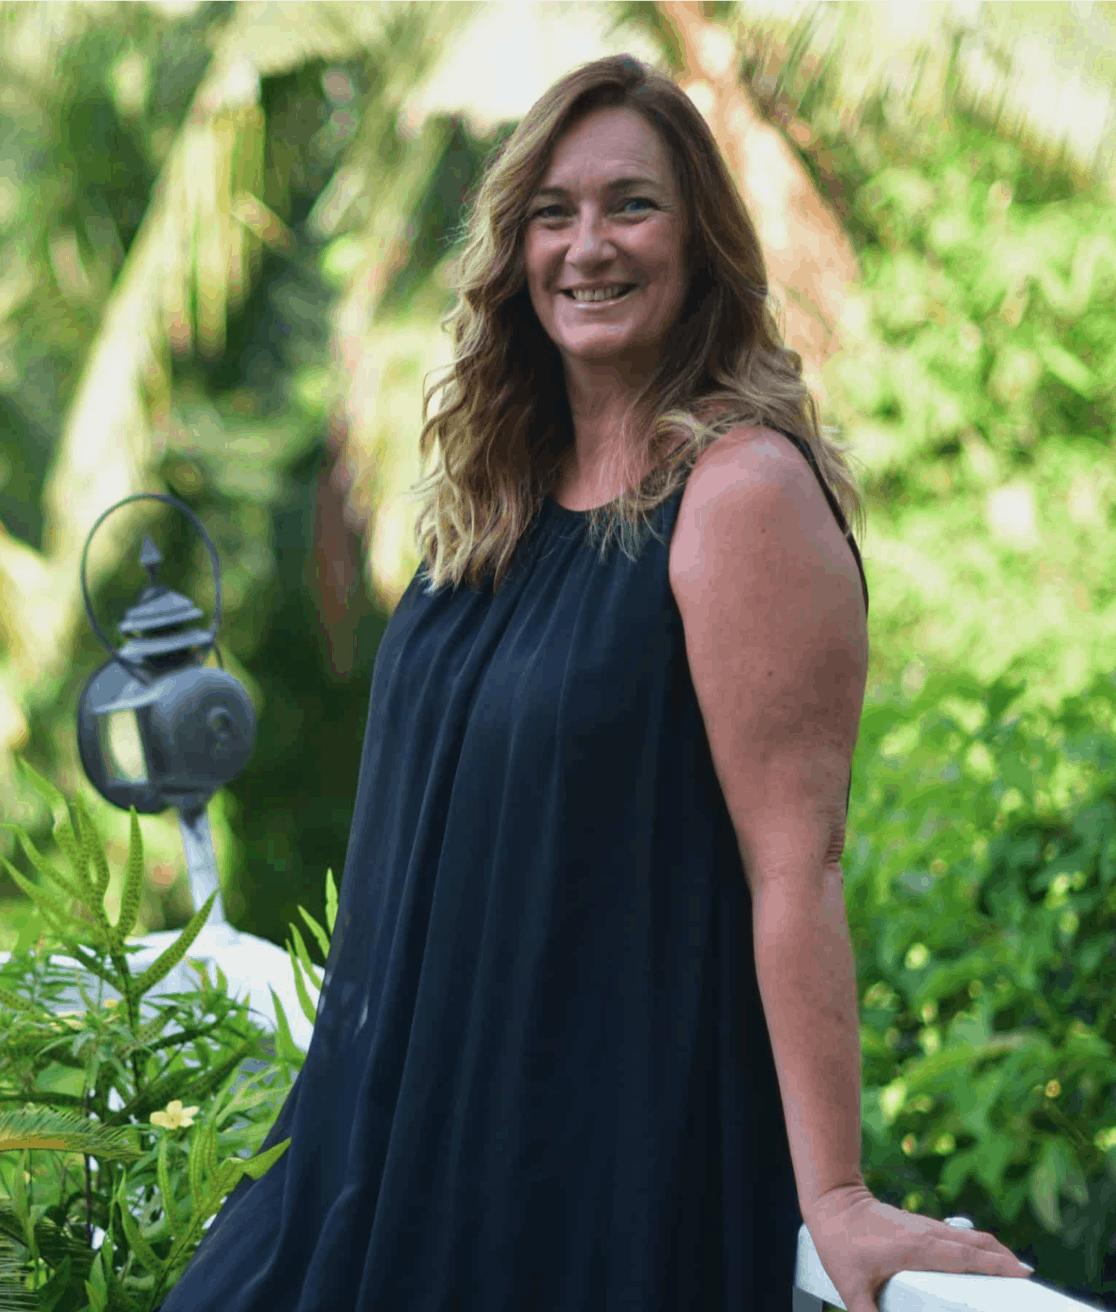 Mia Brummer vor weißer Wand mit rundem Durchbruch